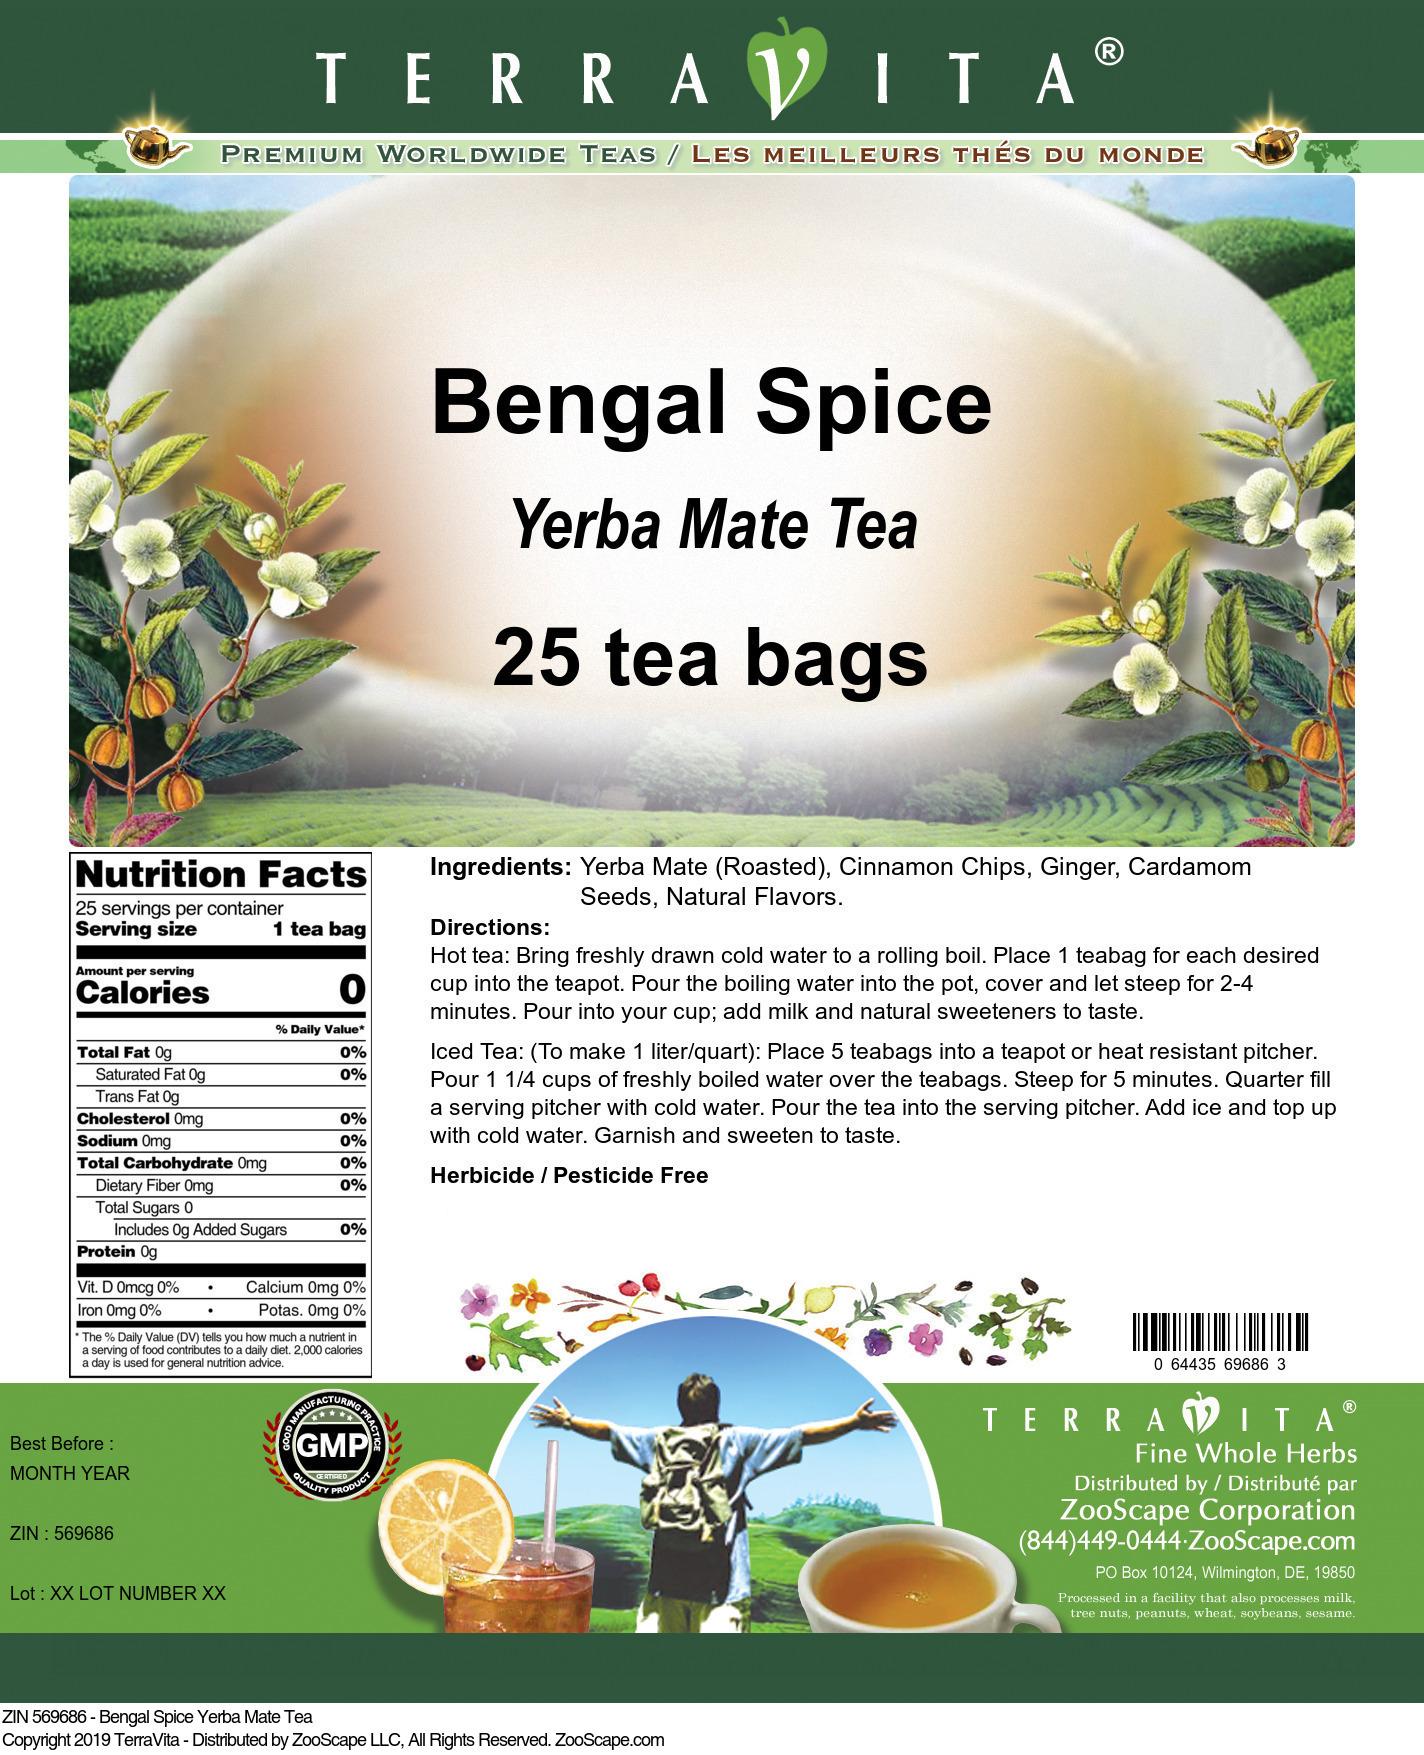 Bengal Spice Yerba Mate